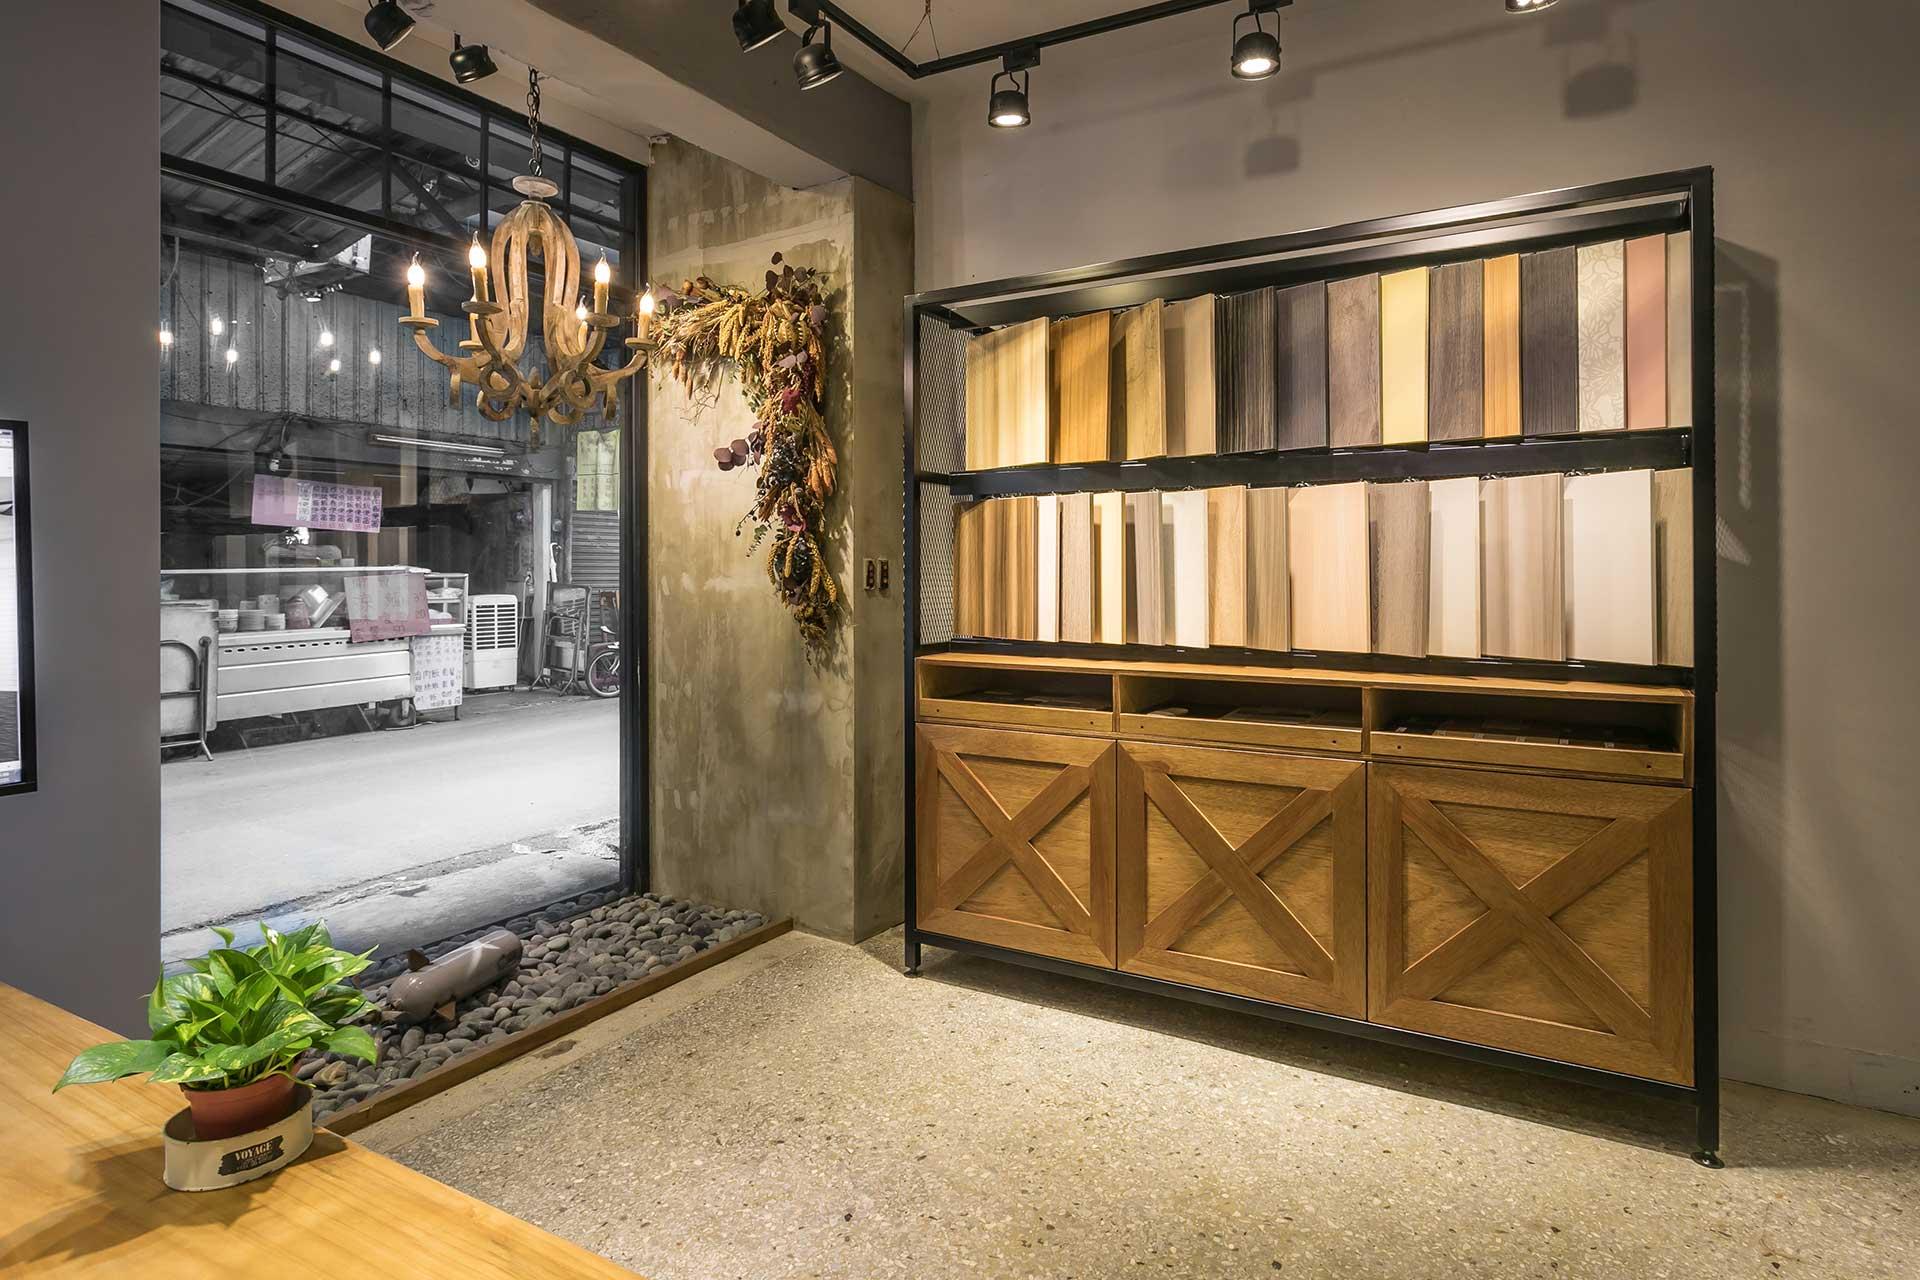 系統板材展示櫃緊鄰落地窗,同時也對路過的行人起了展示作用。下方櫃子可開,門板採榖倉門式設計